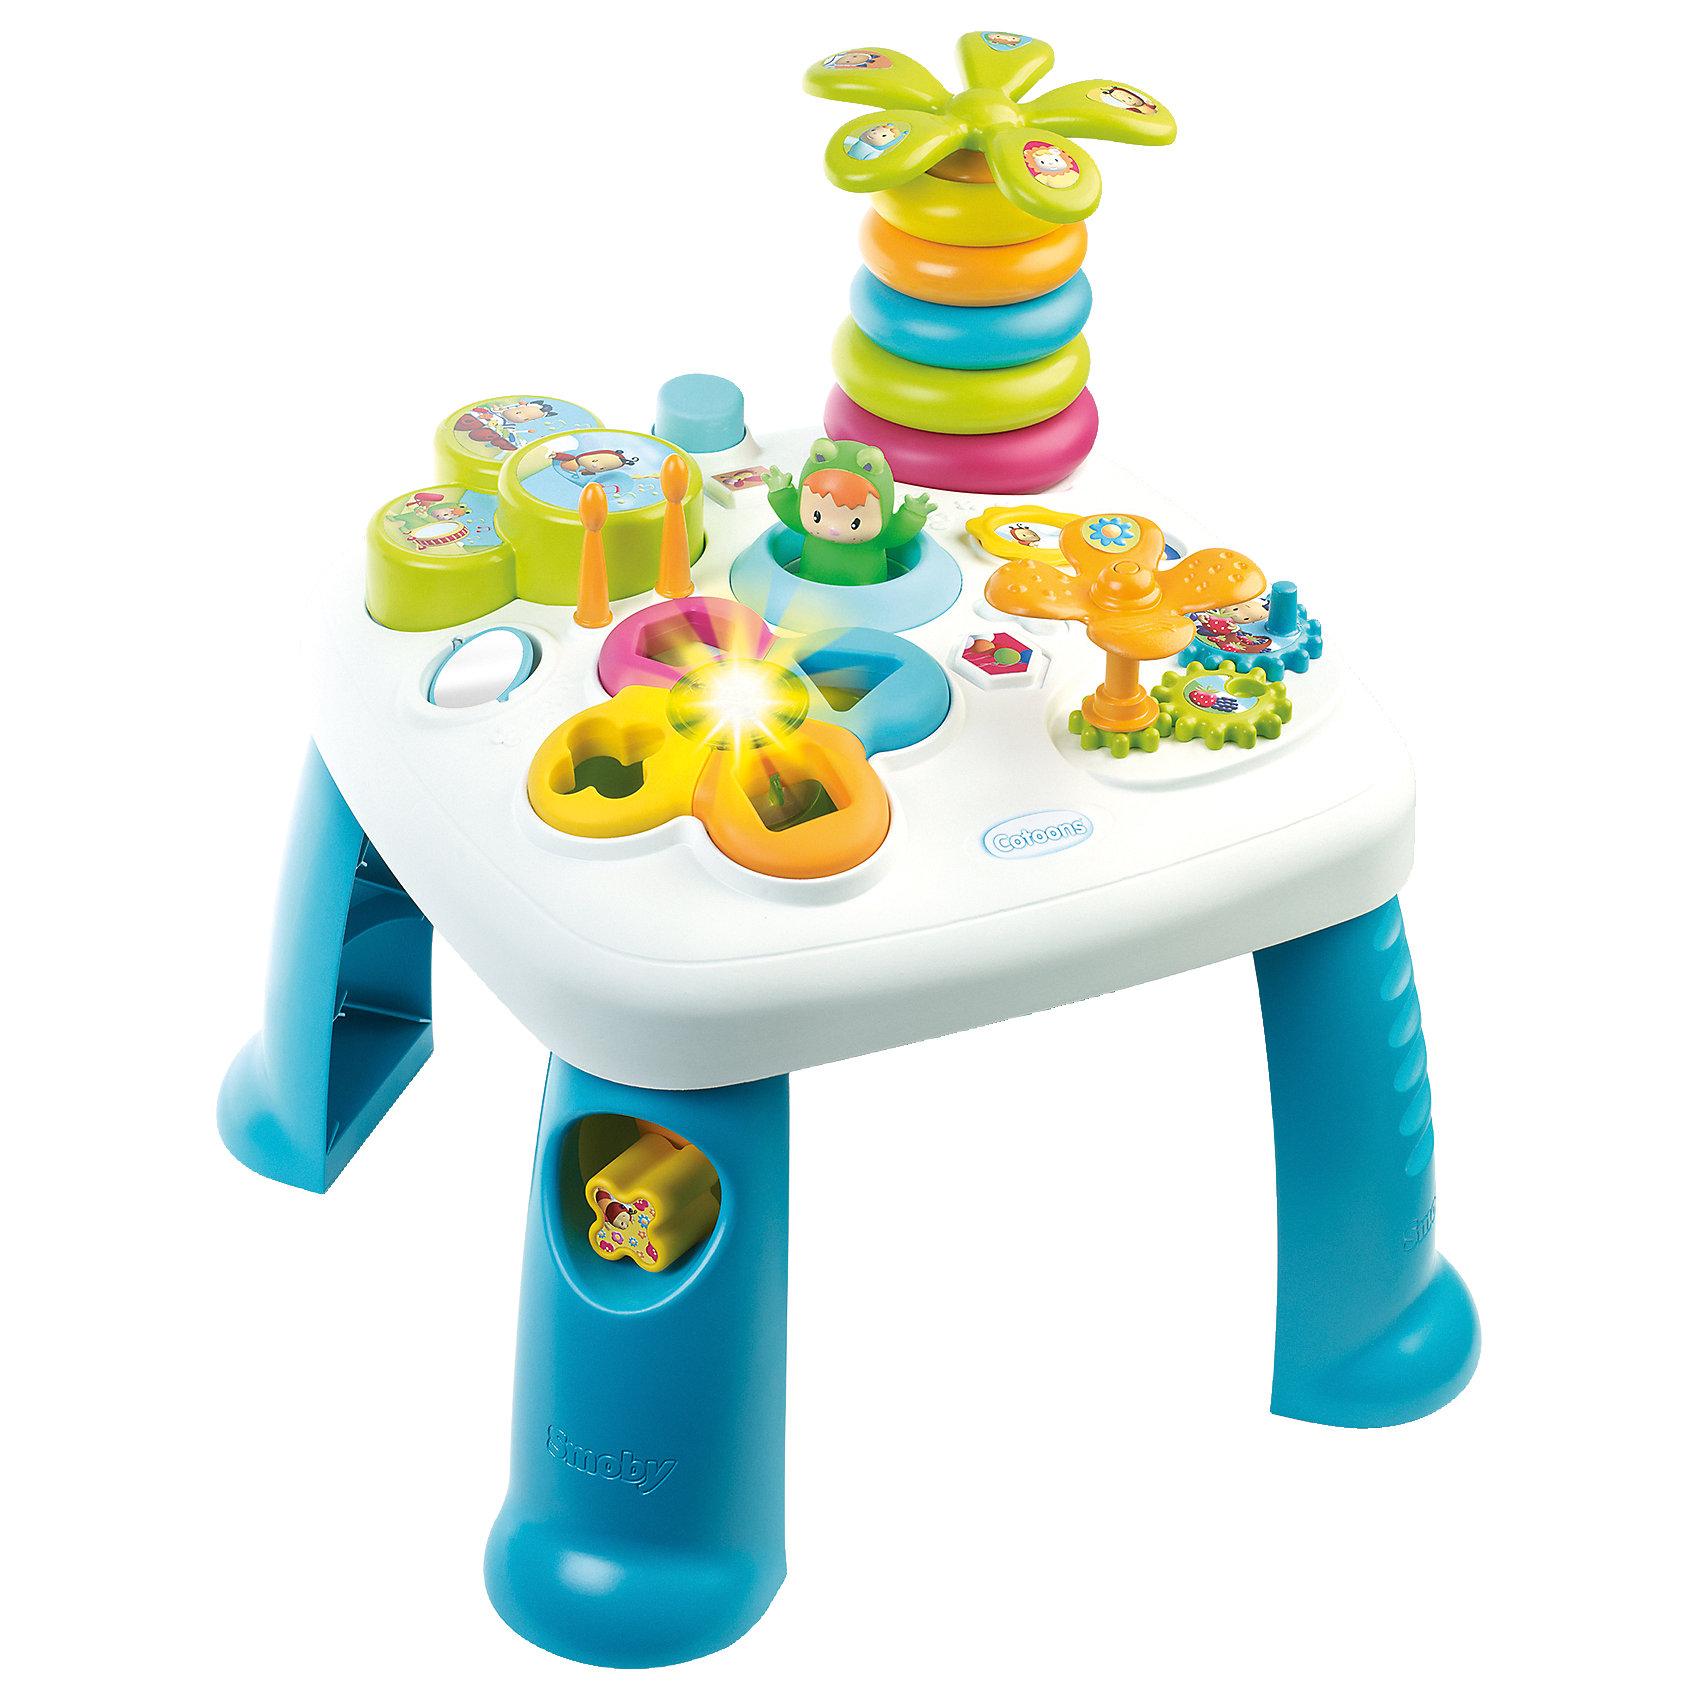 Развивающий игровой стол, синий, SmobyРазвивающие игрушки<br>Характеристики товара:<br><br>• возраст от 1 года<br>• материал: пластик<br>• в комплекте: стол, аксессуары<br>• электронный сортер со светом<br>• барабан с палочками<br>• пирамидка-пальма с крутящейся кроной<br>• в ножке стола отвестие для кубиков<br>• игровые шестерёнки<br>• зеркальце<br>• прыгающий при нажатии кнопки лягушонок<br>• размер столика 47х47х49 см<br>• размер упаковки  57,5х14,5х49 см<br>• страна бренда: Франция<br>• страна производитель: Франция<br><br>Развивающий игровой стол Smoby — увлекательная развивающая игрушка для малышей от 1 года. Она способствует развитию мелкой моторики рук, тактильного и зрительного восприятия, логического мышления. На столе расположены разнообразные цветные игрушки.  Сортер и пирамидка в виде пальмы научат ребенка распознавать формы и различать цвета. Шестеренки развивают мелкую моторику рук. Барабан с палочками развивает музыкальный слух. <br><br>Игрушка оснащена световыми и звуковыми эффектами, делающими игру еще более интересной. Работает от 2 батареек LR44 (в комплекте). Столик изготовлен из качественного безвредного пластика. На столе нет острых углов, что исключает случайные травмы. Благодаря 4 устойчивым ножкам, стол хорошо и ровно стоит на поверхности и не падает.<br><br>Развивающий игровой стол Smoby можно приобрести в нашем интернет-магазине.<br><br>Ширина мм: 580<br>Глубина мм: 490<br>Высота мм: 150<br>Вес г: 2580<br>Возраст от месяцев: 12<br>Возраст до месяцев: 2147483647<br>Пол: Мужской<br>Возраст: Детский<br>SKU: 5544434